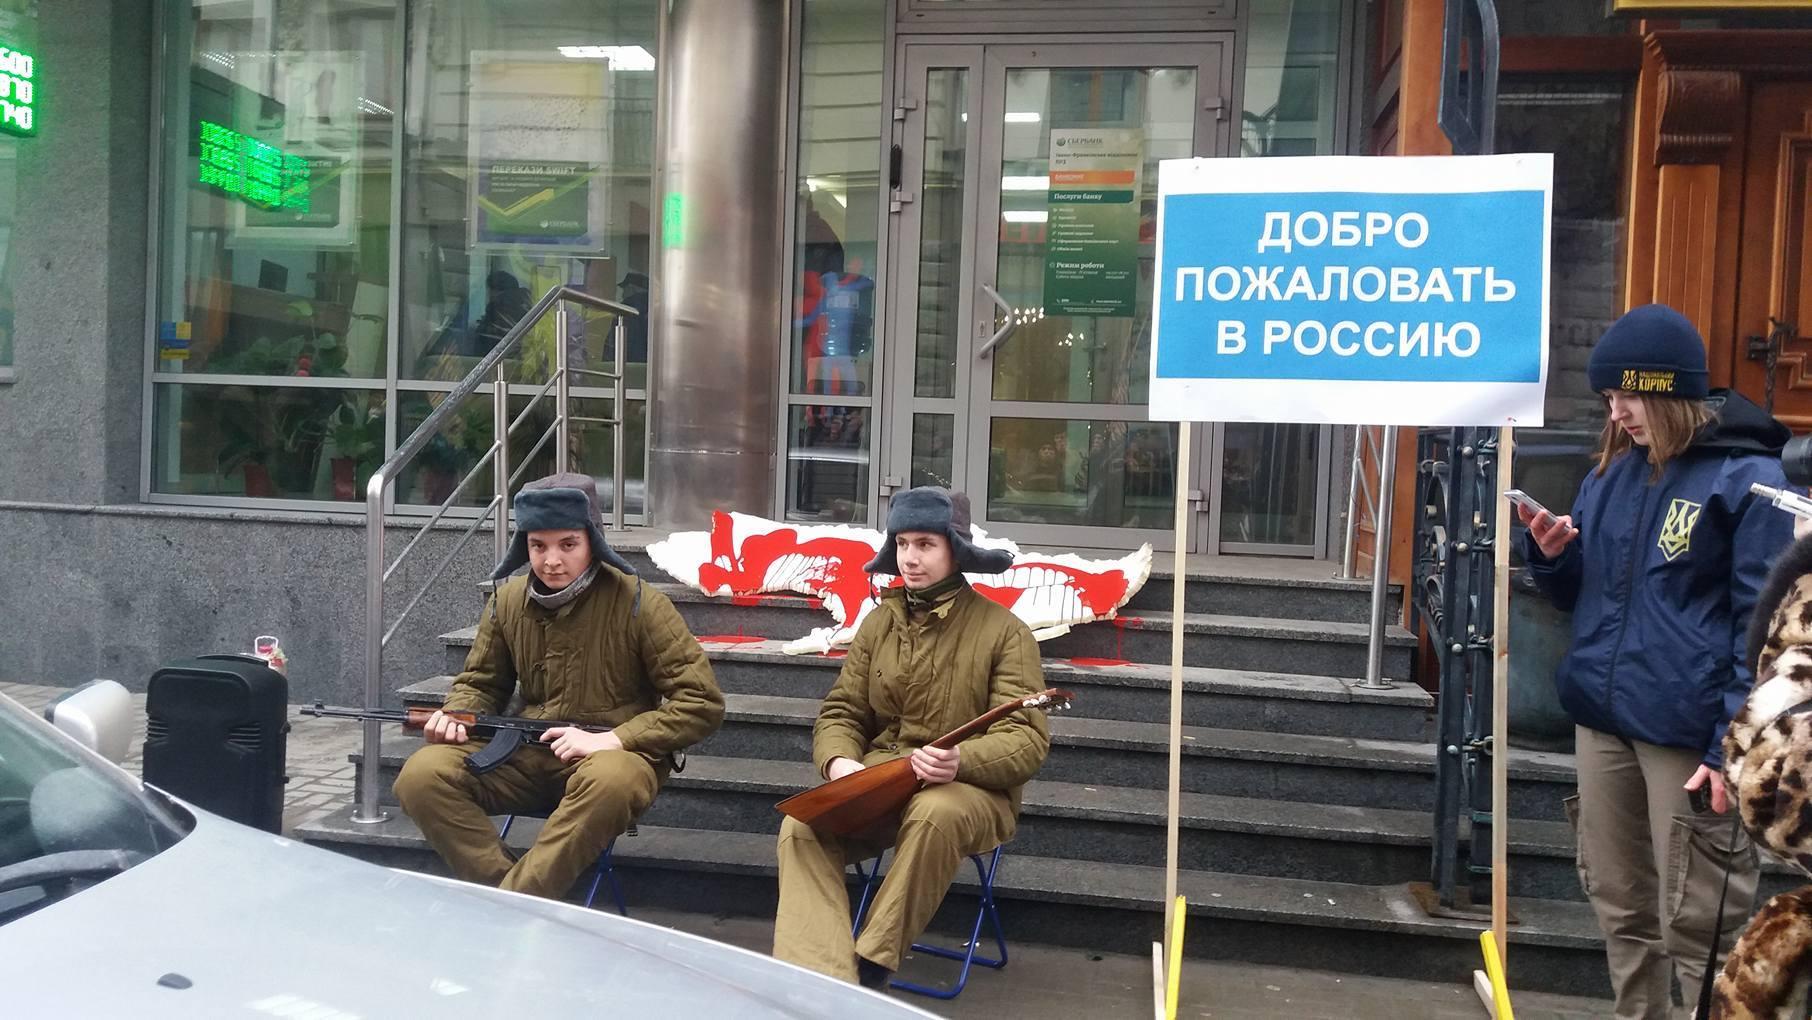 Активисты провели пикетирование российских банков в Ивано-Франковске - Цензор.НЕТ 2547